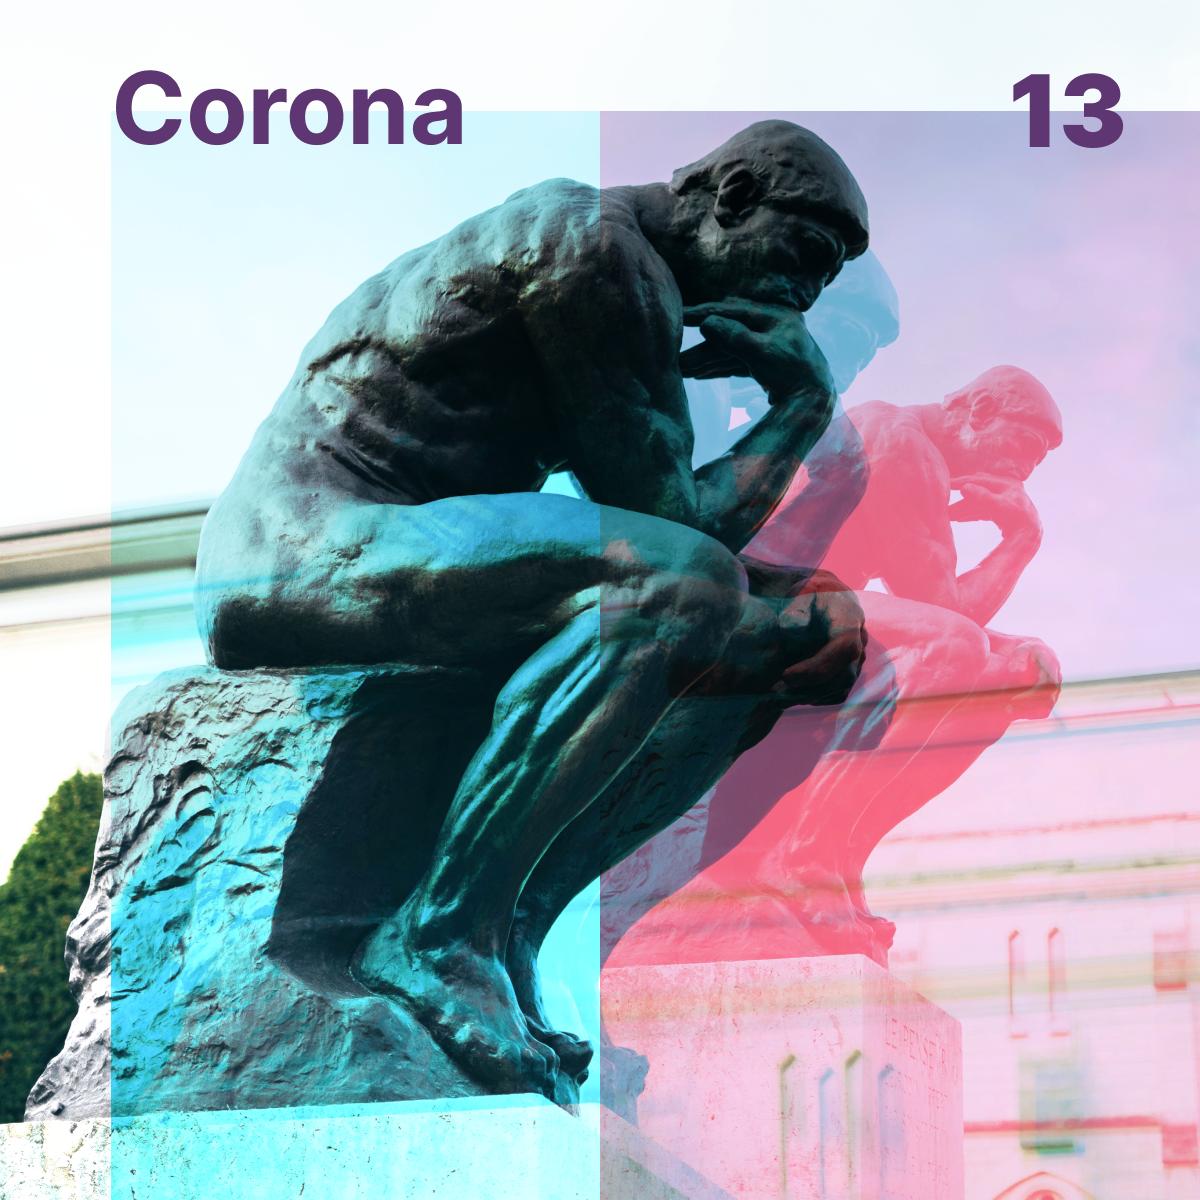 CoronaX13